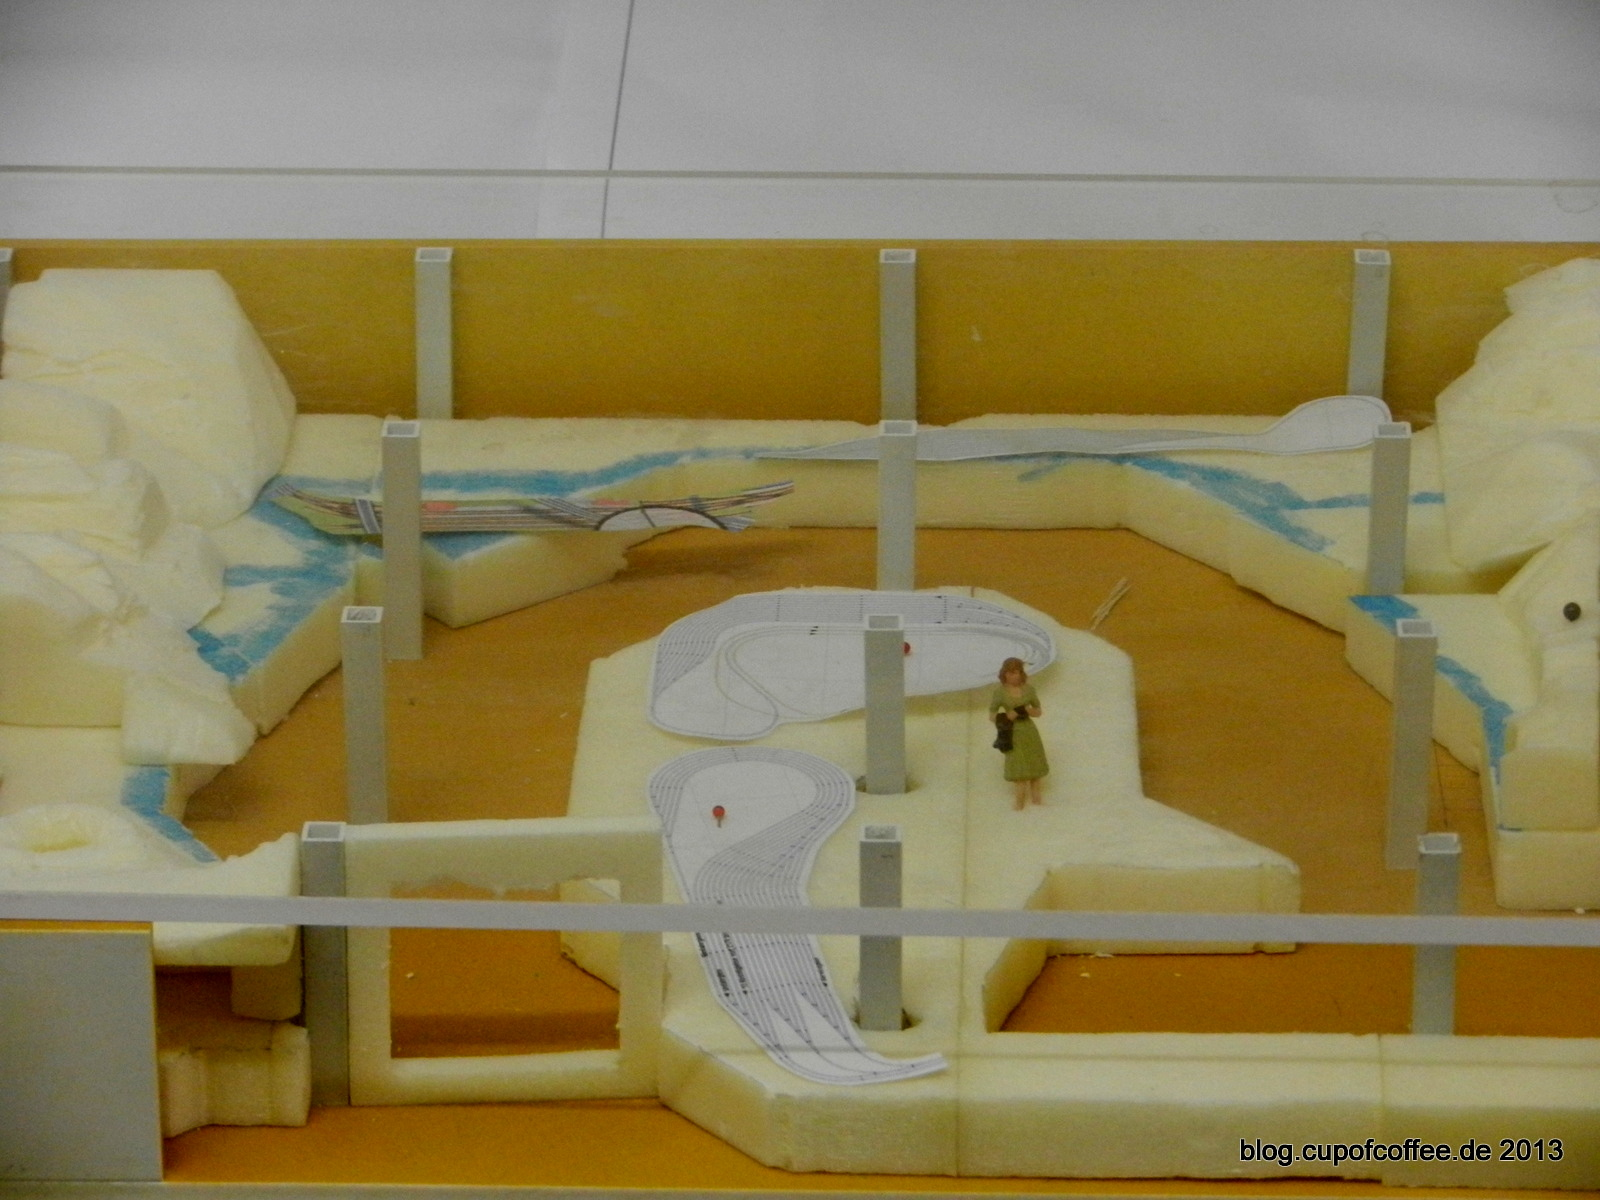 Dieses Probemodell vermittelt einen ersten Eindruck vom Italien-Abschnitt.